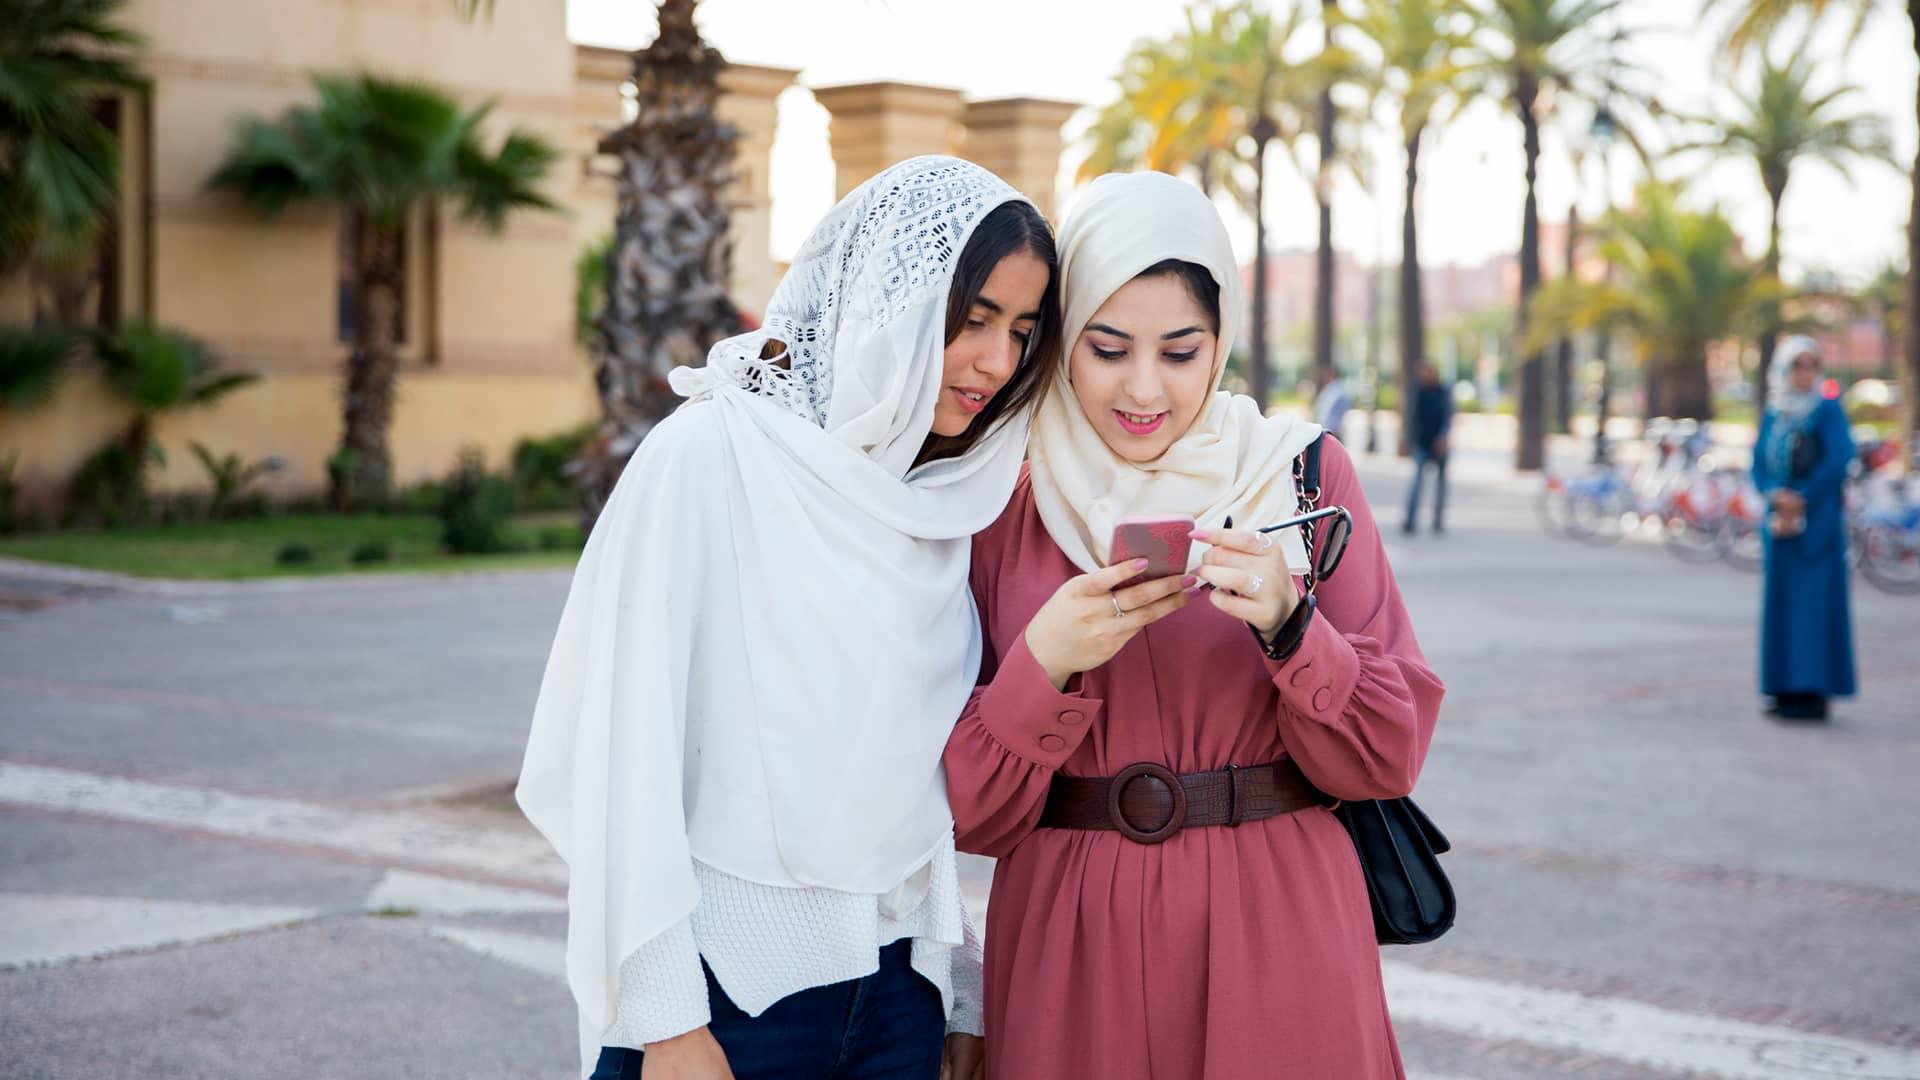 Itinerancia de datos Vodafone: qué es y activar